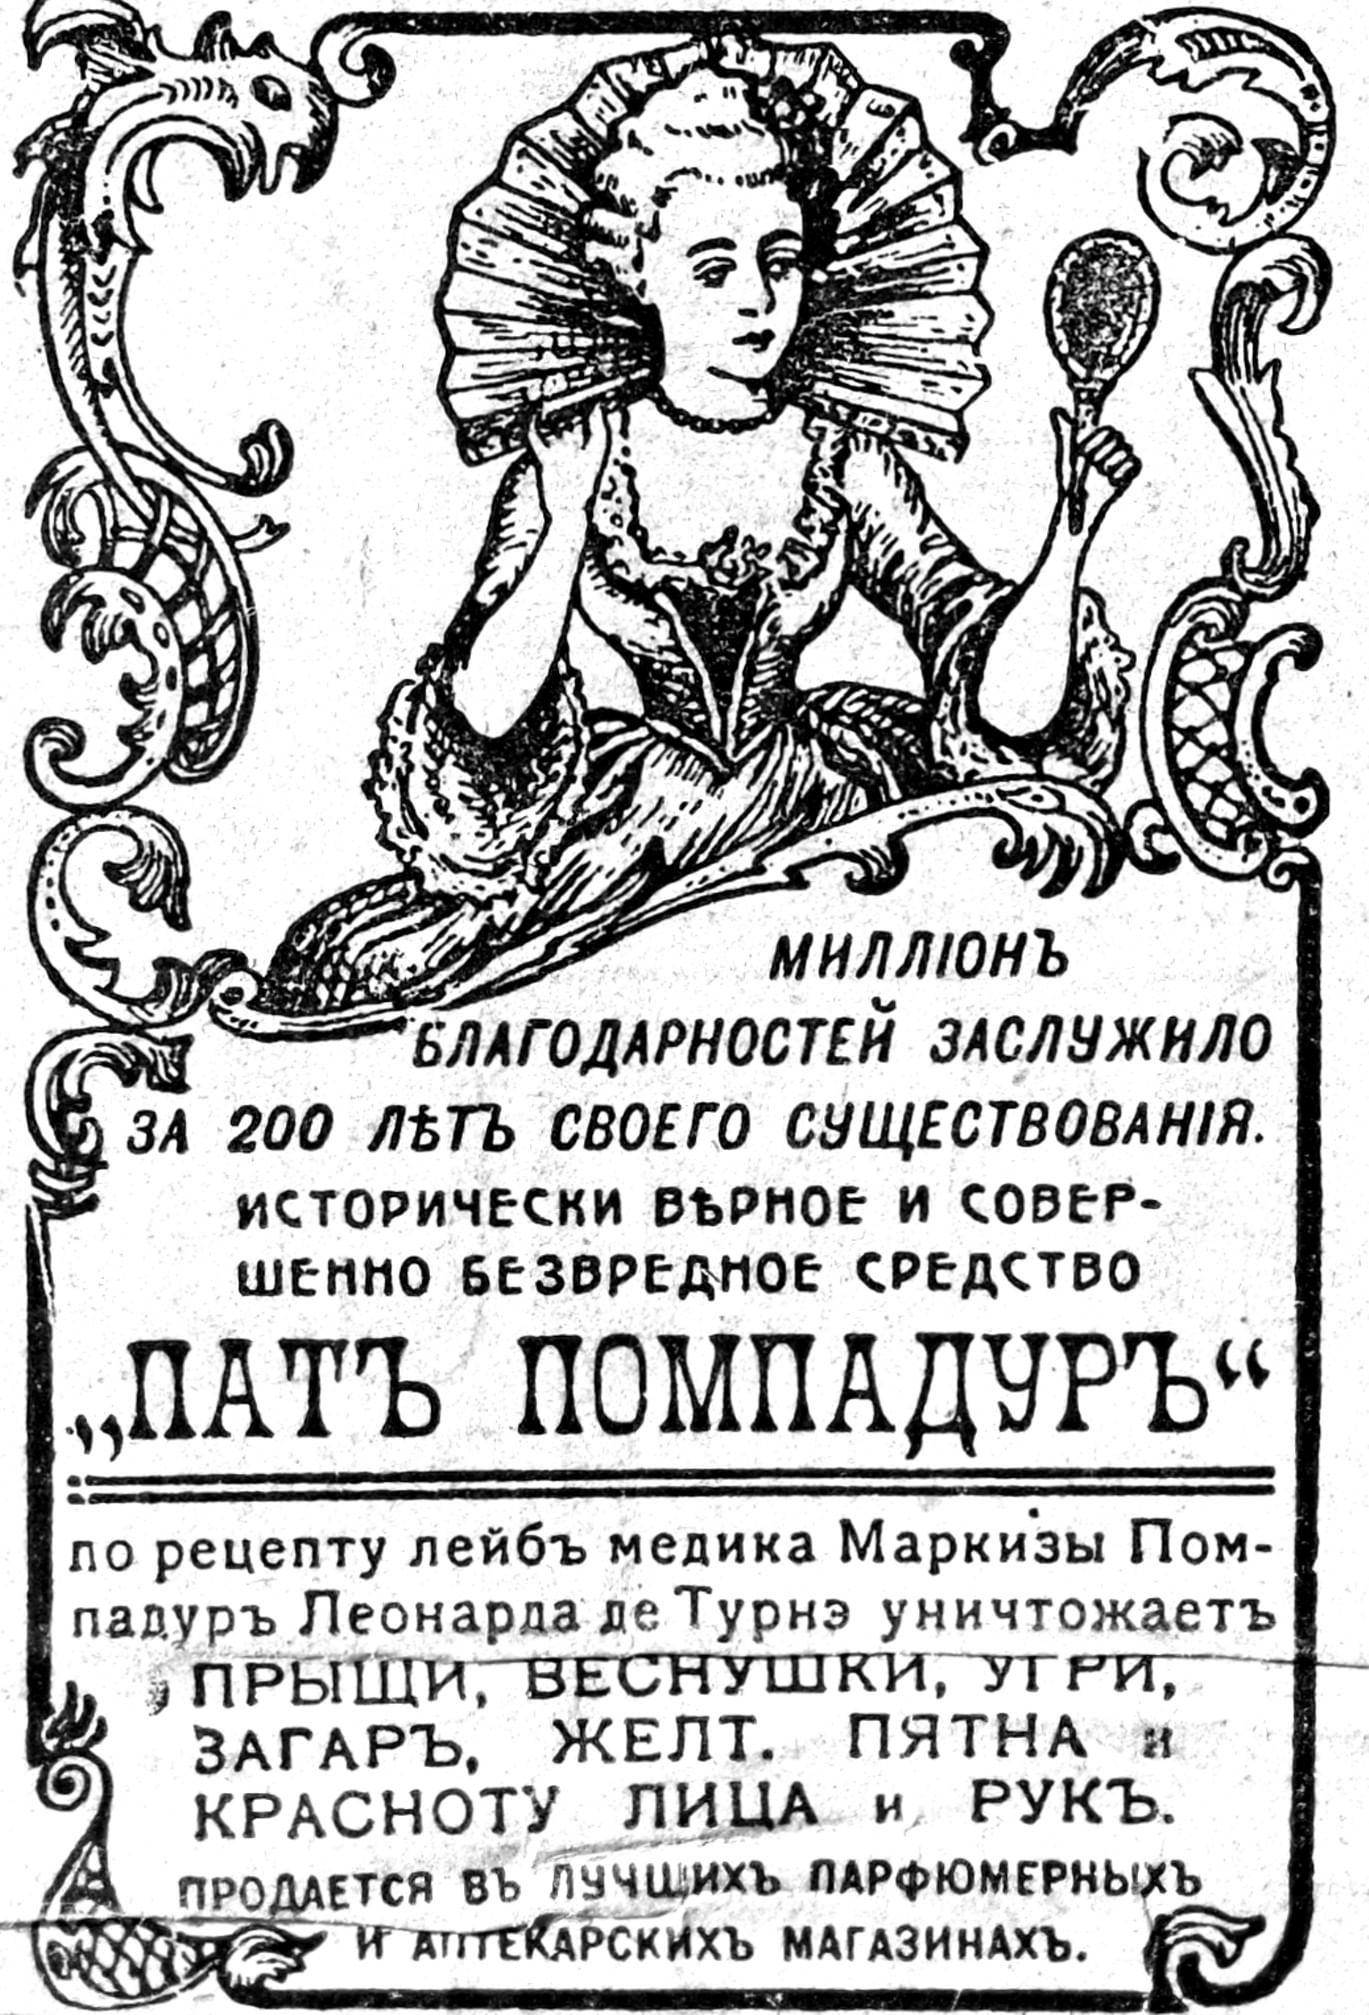 Дореволюционная реклама декоративной и лечебной косметики.